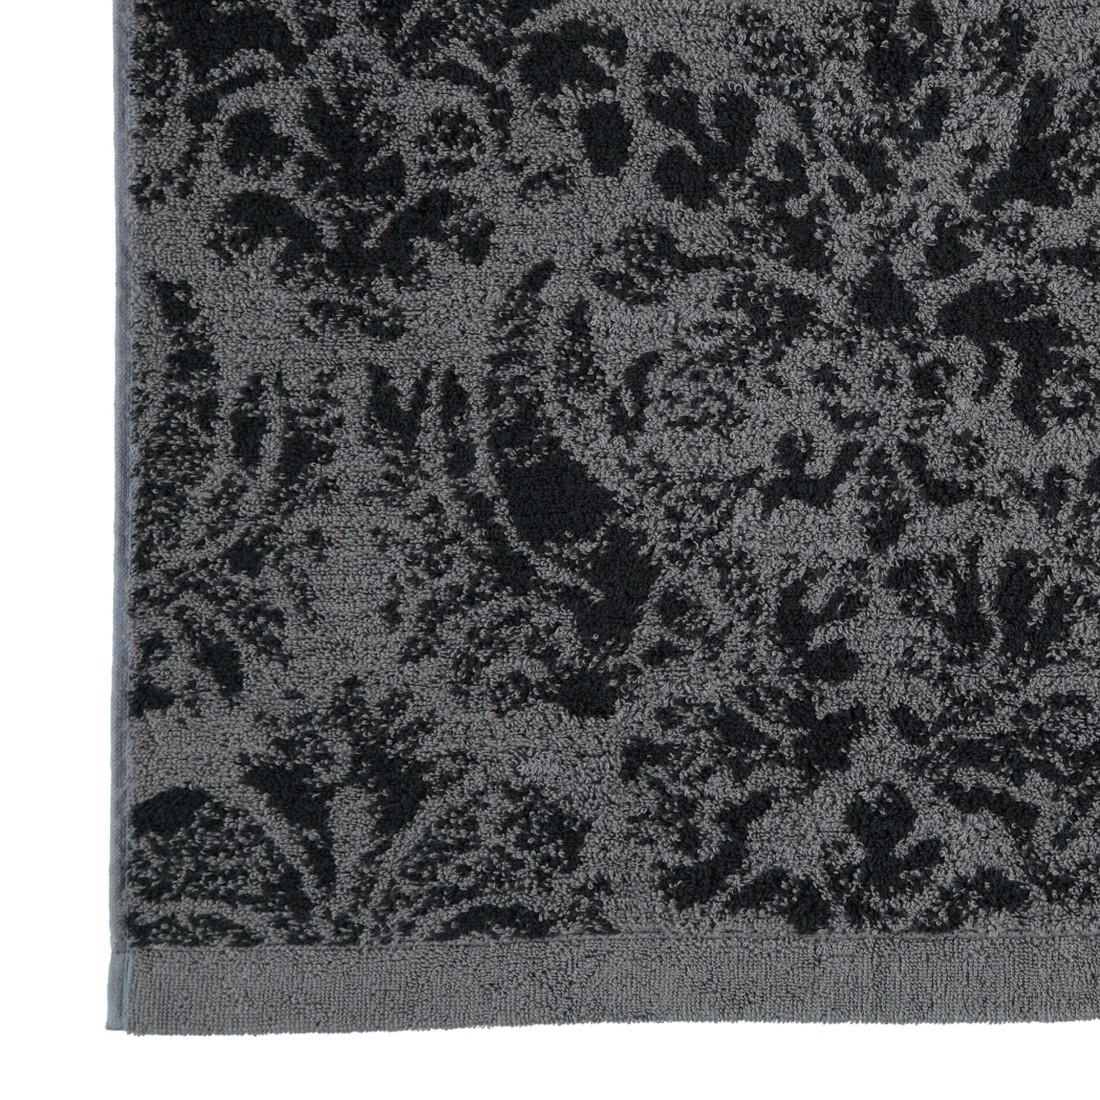 Handtücher Contour Jacquard 8082 – Baumwolle – Anthrazit – Gästetuch 30×50 cm, Cawö jetzt kaufen